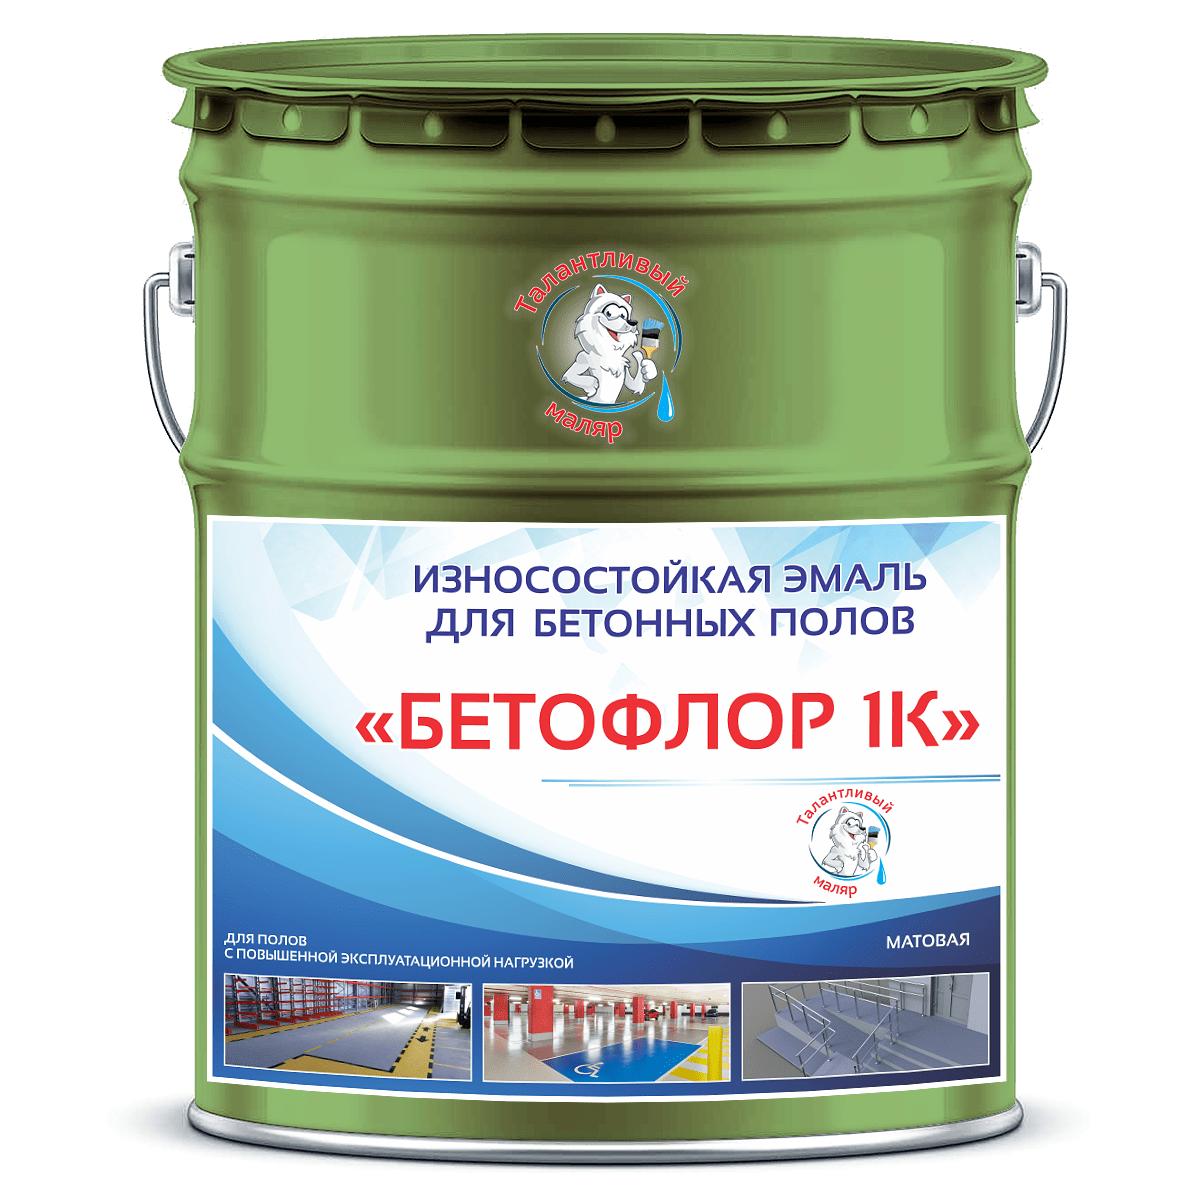 """Фото 12 - BF6011 Эмаль для бетонных полов """"Бетофлор"""" 1К цвет RAL 6011 Зеленая резеда, матовая износостойкая, 25 кг """"Талантливый Маляр""""."""